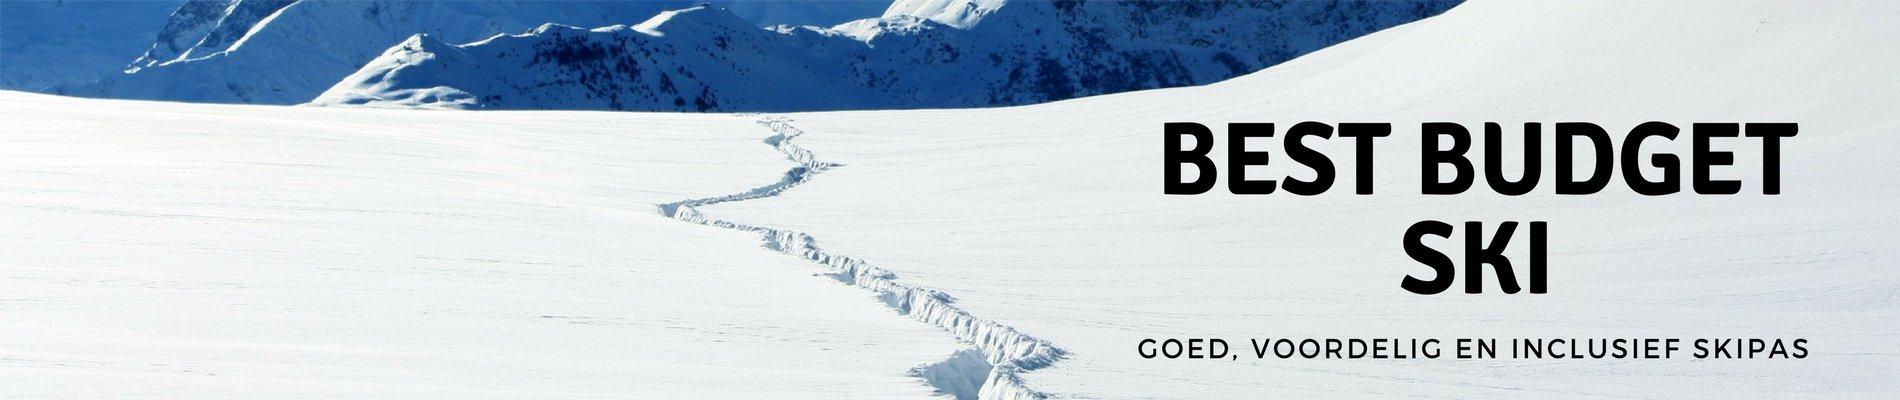 banner best budget ski